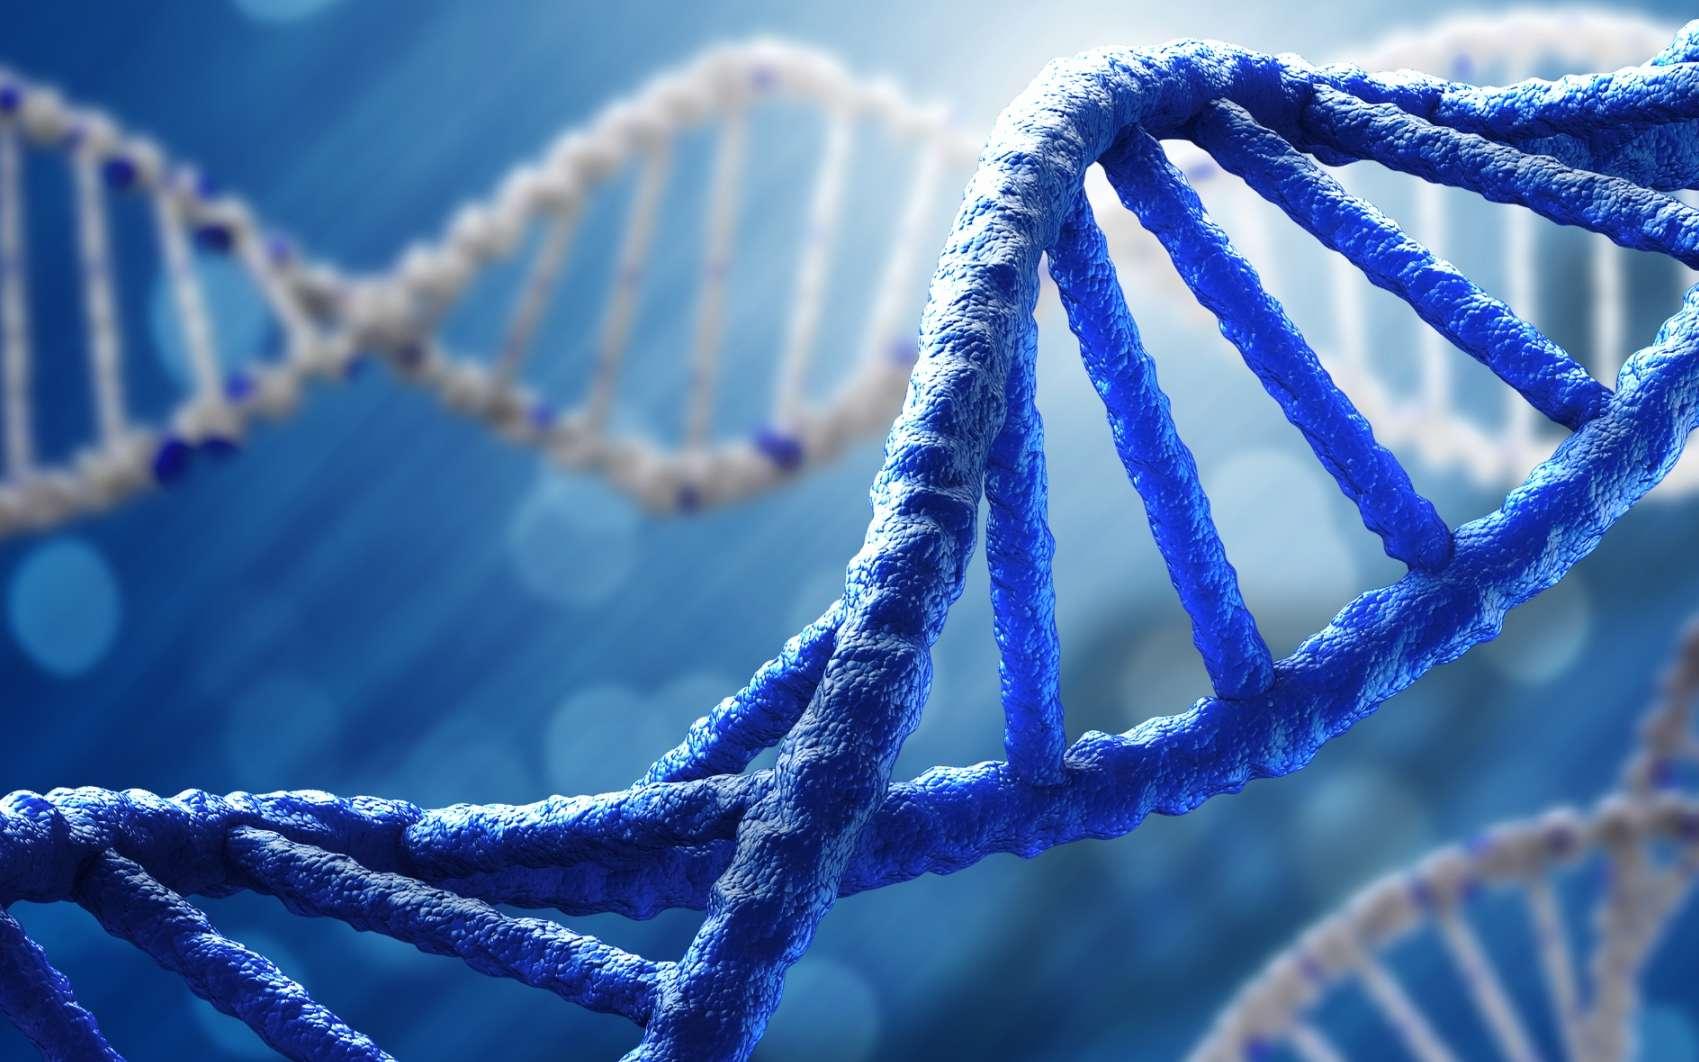 La double hélice de l'ADN porte des bases azotée qui s'associent par paires pour donner le code porteur de l'information génétique. Modifier ces bases, ce que font les mutations, affecte donc cette information et peut conduire par hasard à des organismes mieux adaptés à l'environnement. Un taux de mutation élevé pouvait donc accélérer l'évolution. © Sutterstock, Sergey Nivens